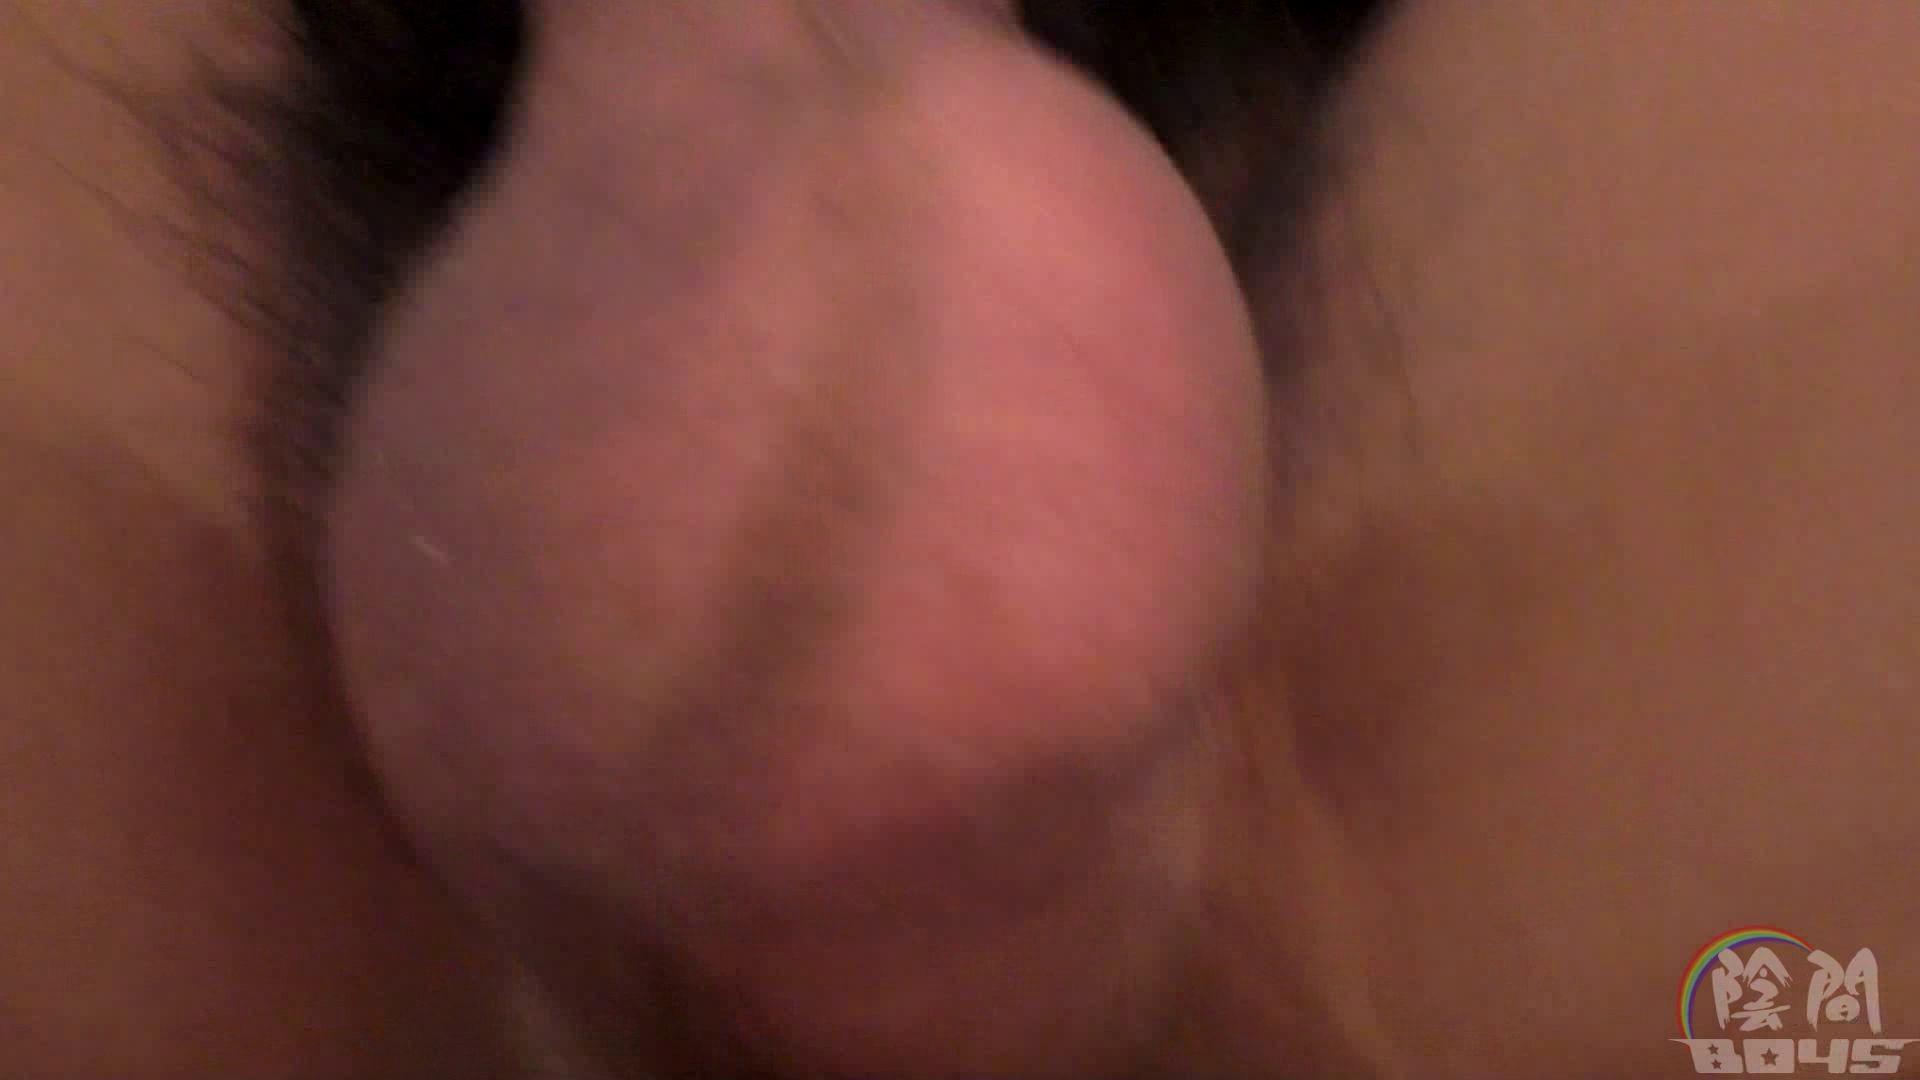 陰間BOYS~「アナルだけは許して…」~04 ゲイ悪戯 ゲイ無修正ビデオ画像 97pic 75